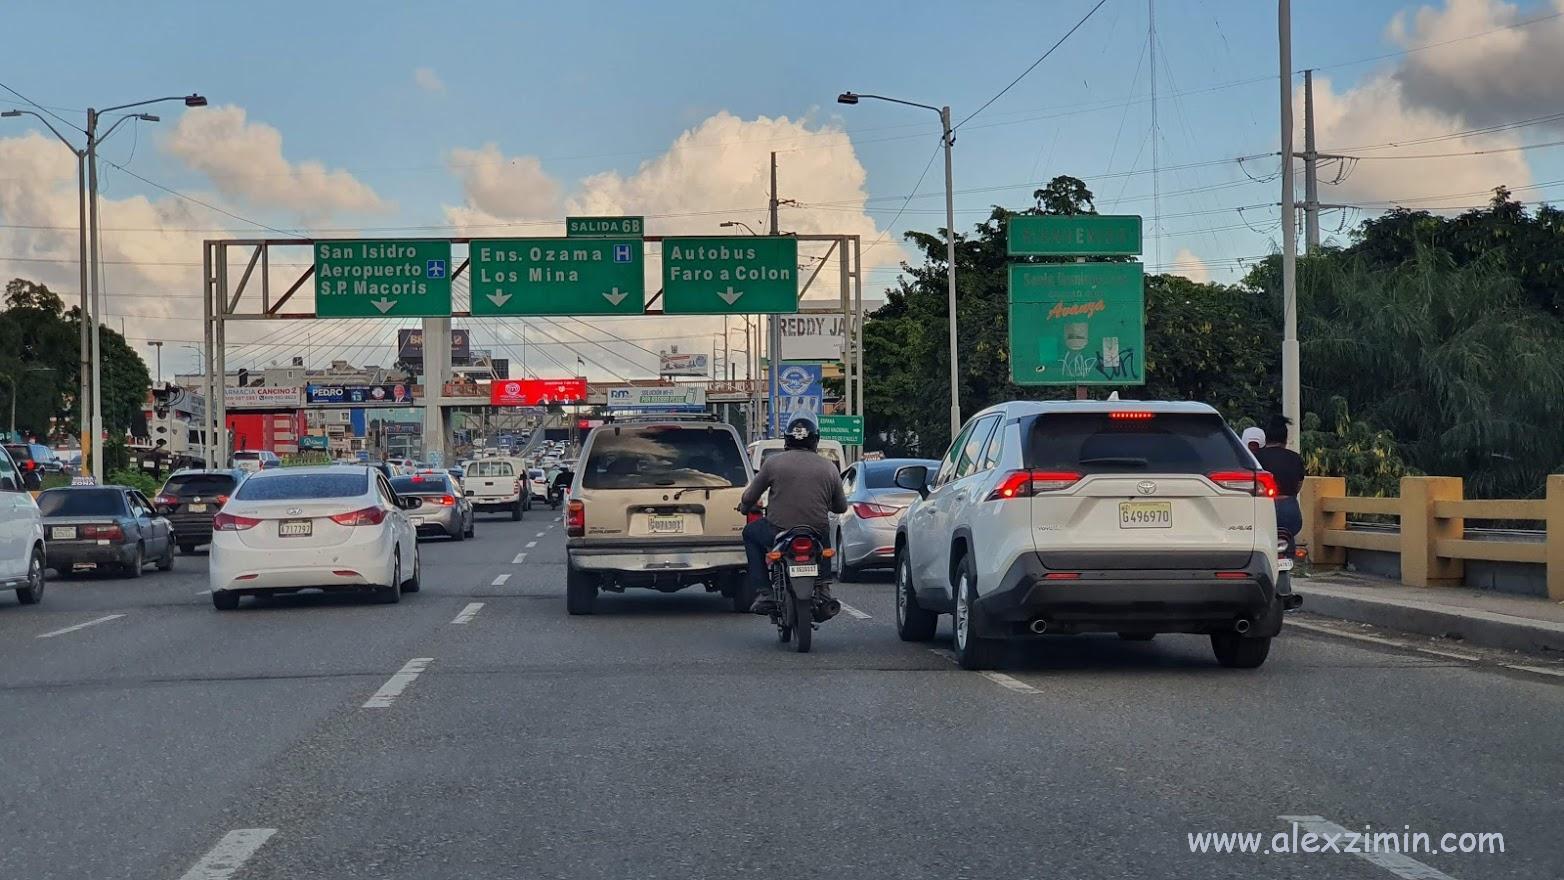 Дорожное движение в Санто-Доминго